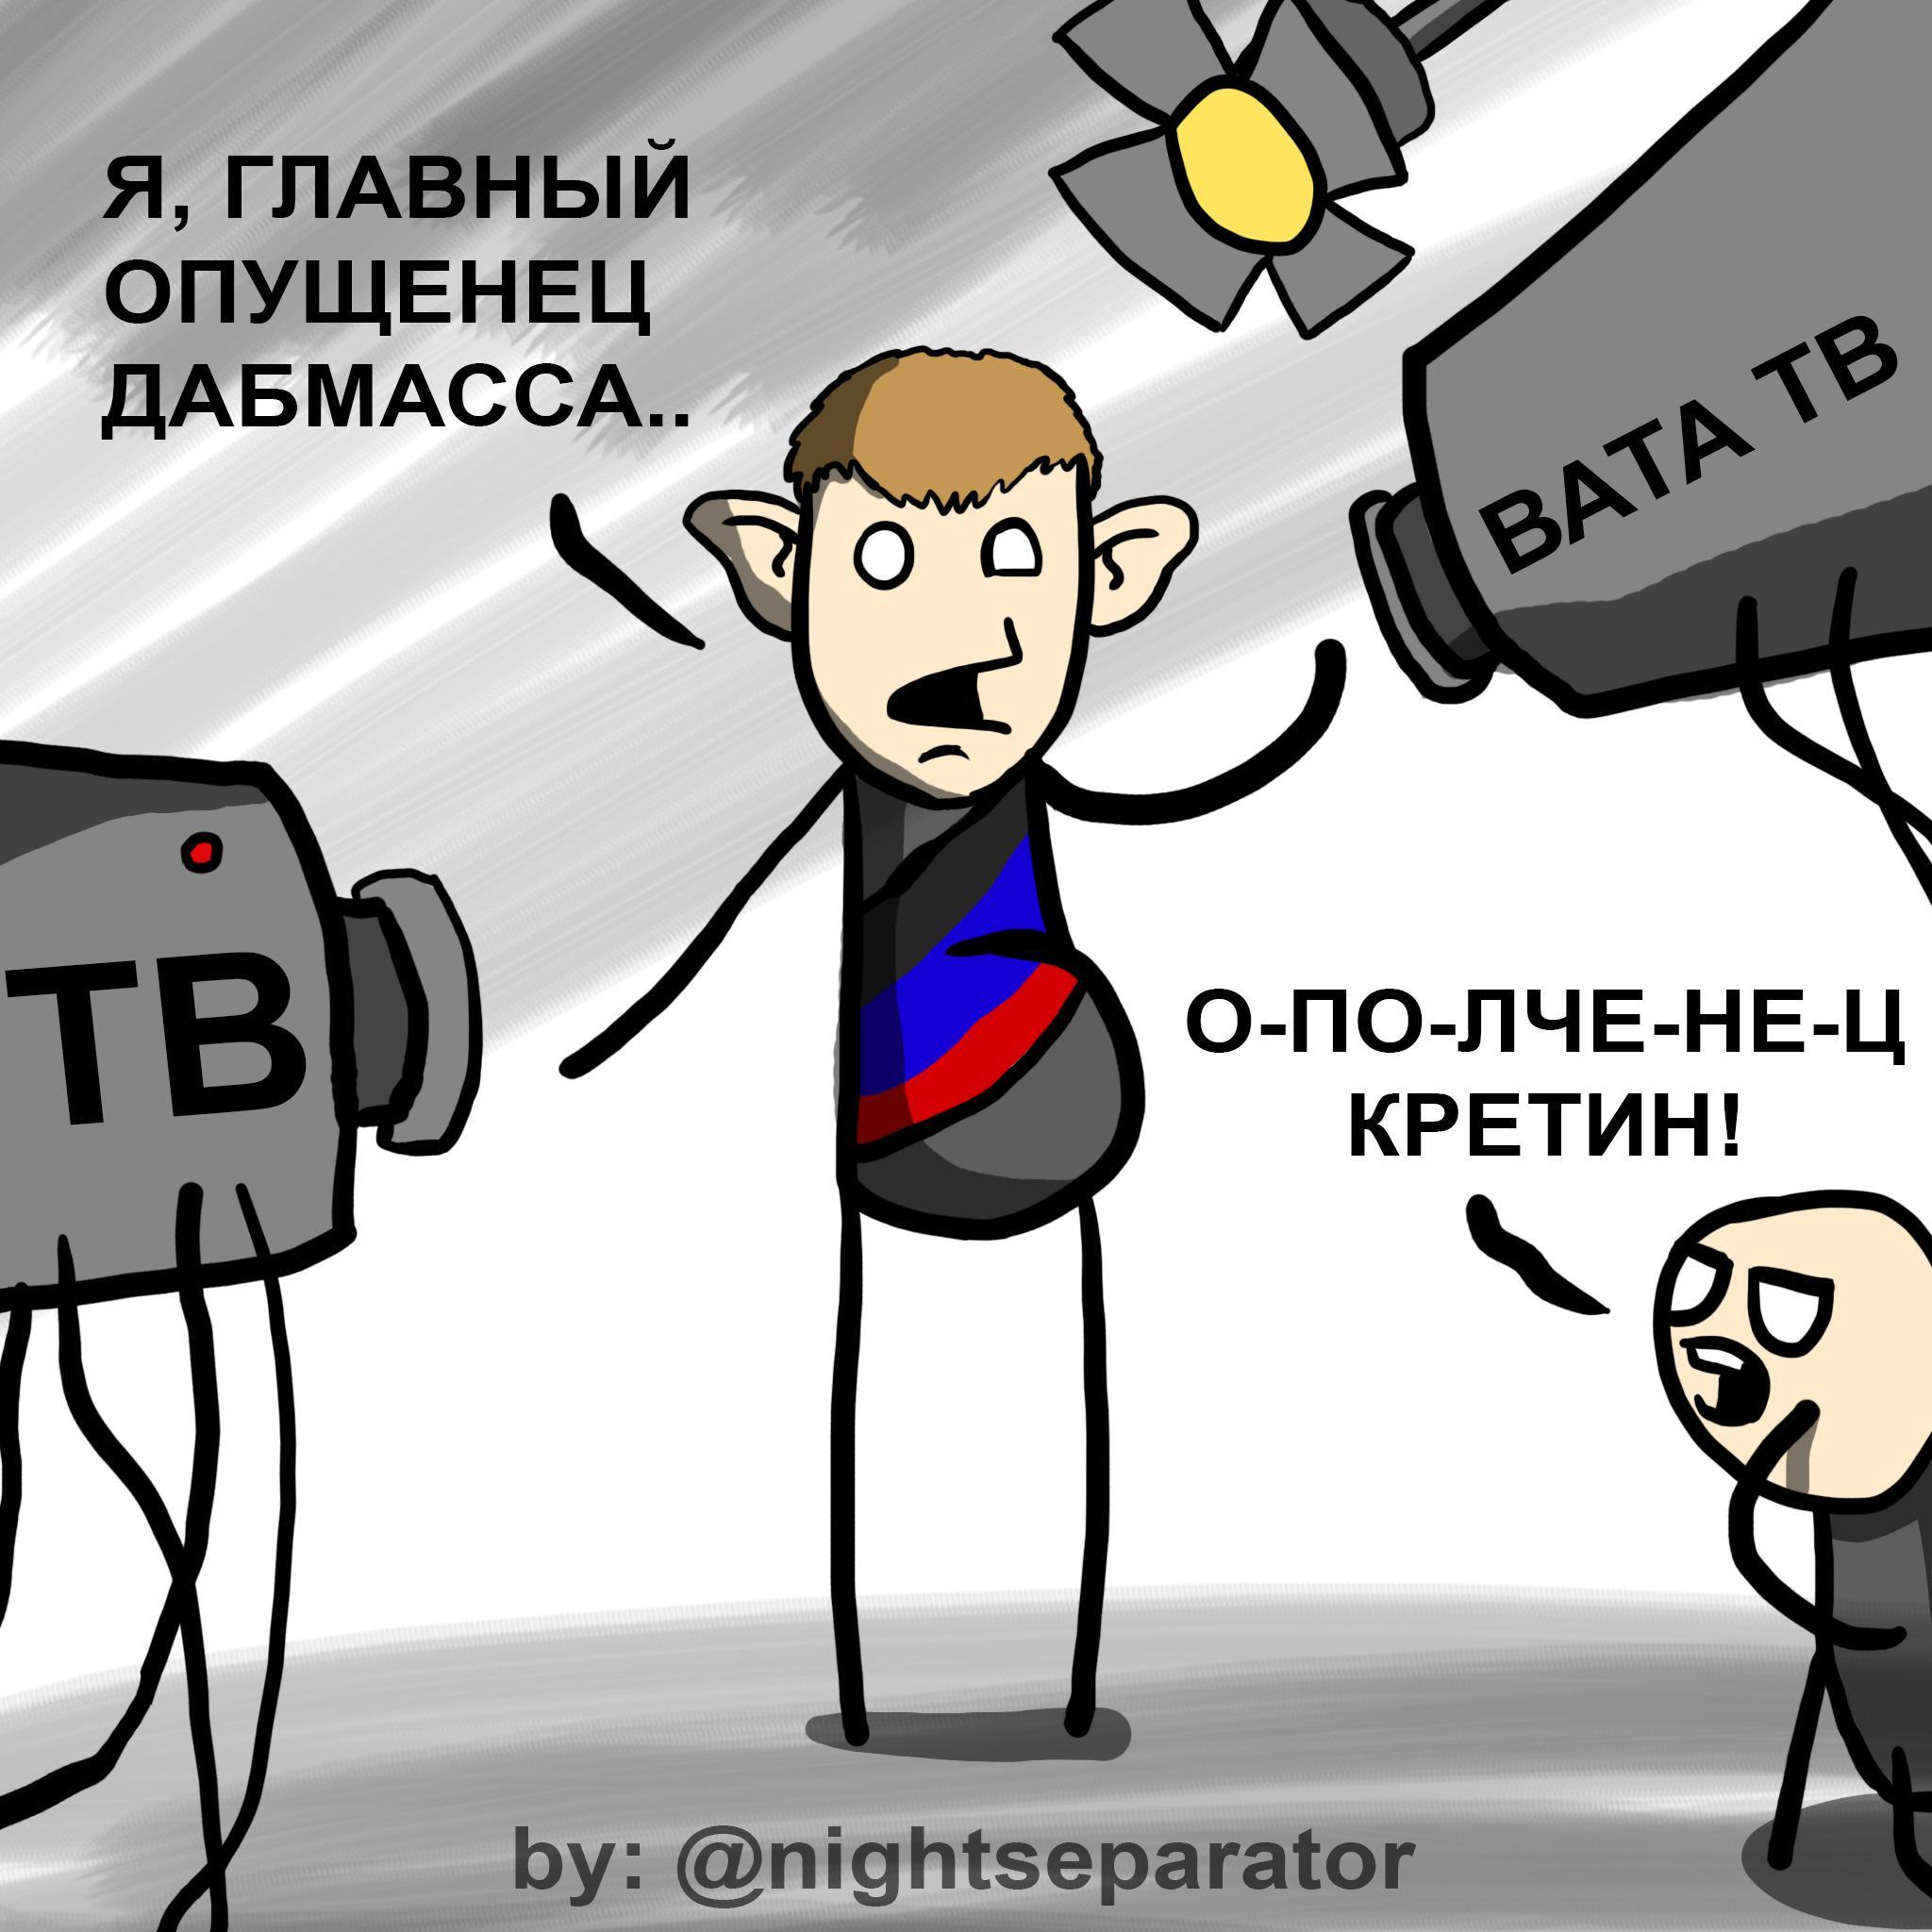 Ситуация в донецком аэропорту под контролем украинских военных, а паника играет на руку врагу, - Тетерук - Цензор.НЕТ 7963